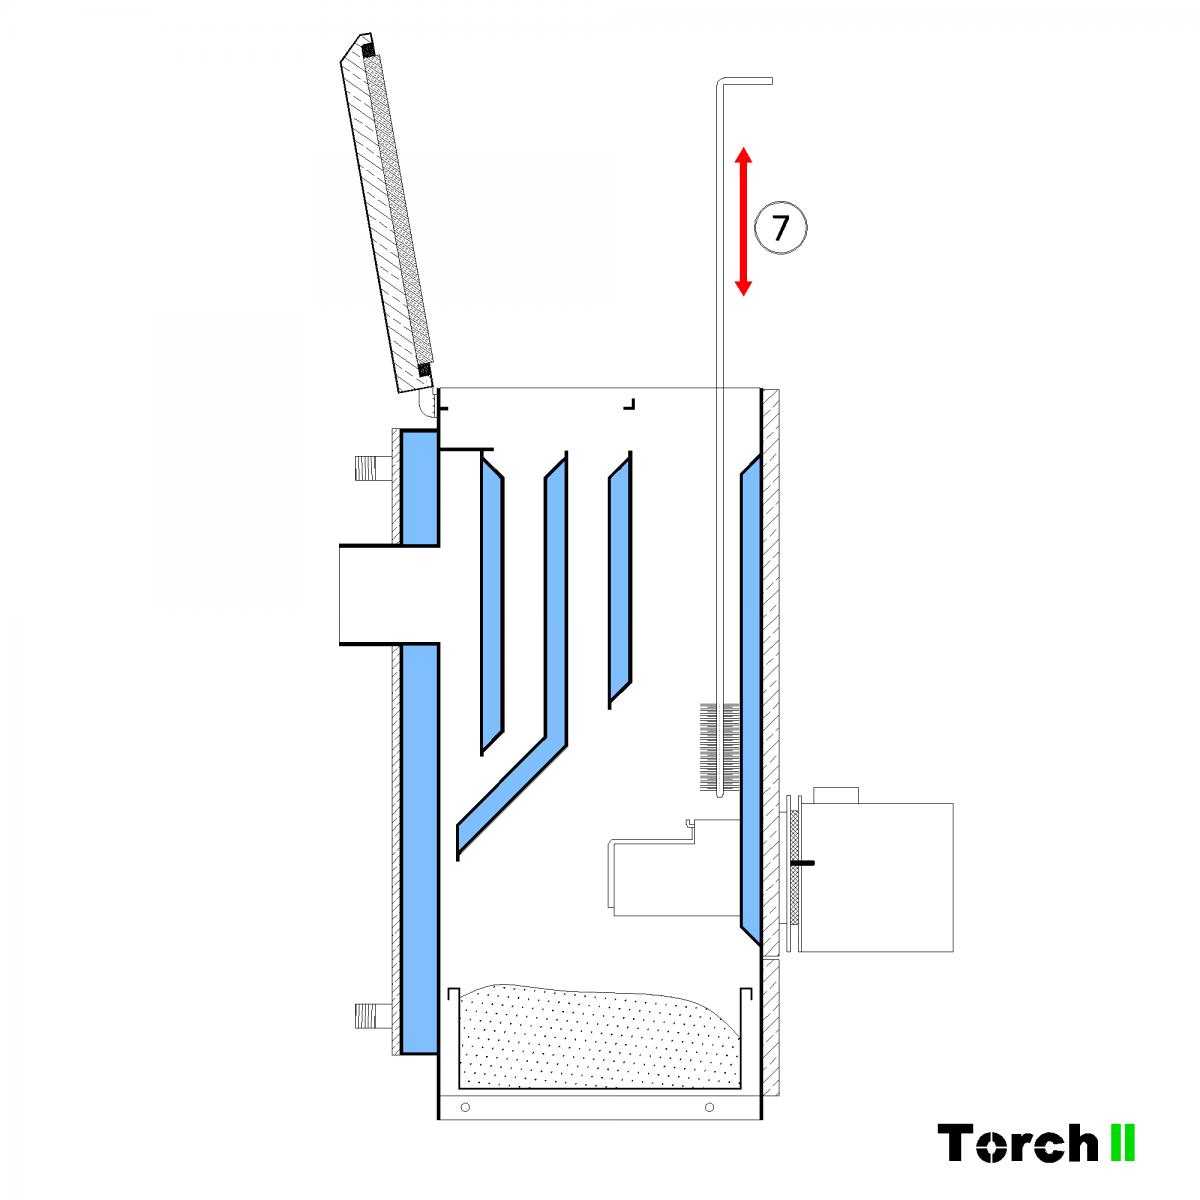 Почистване на пелетен котел Torch II - стъпка 8